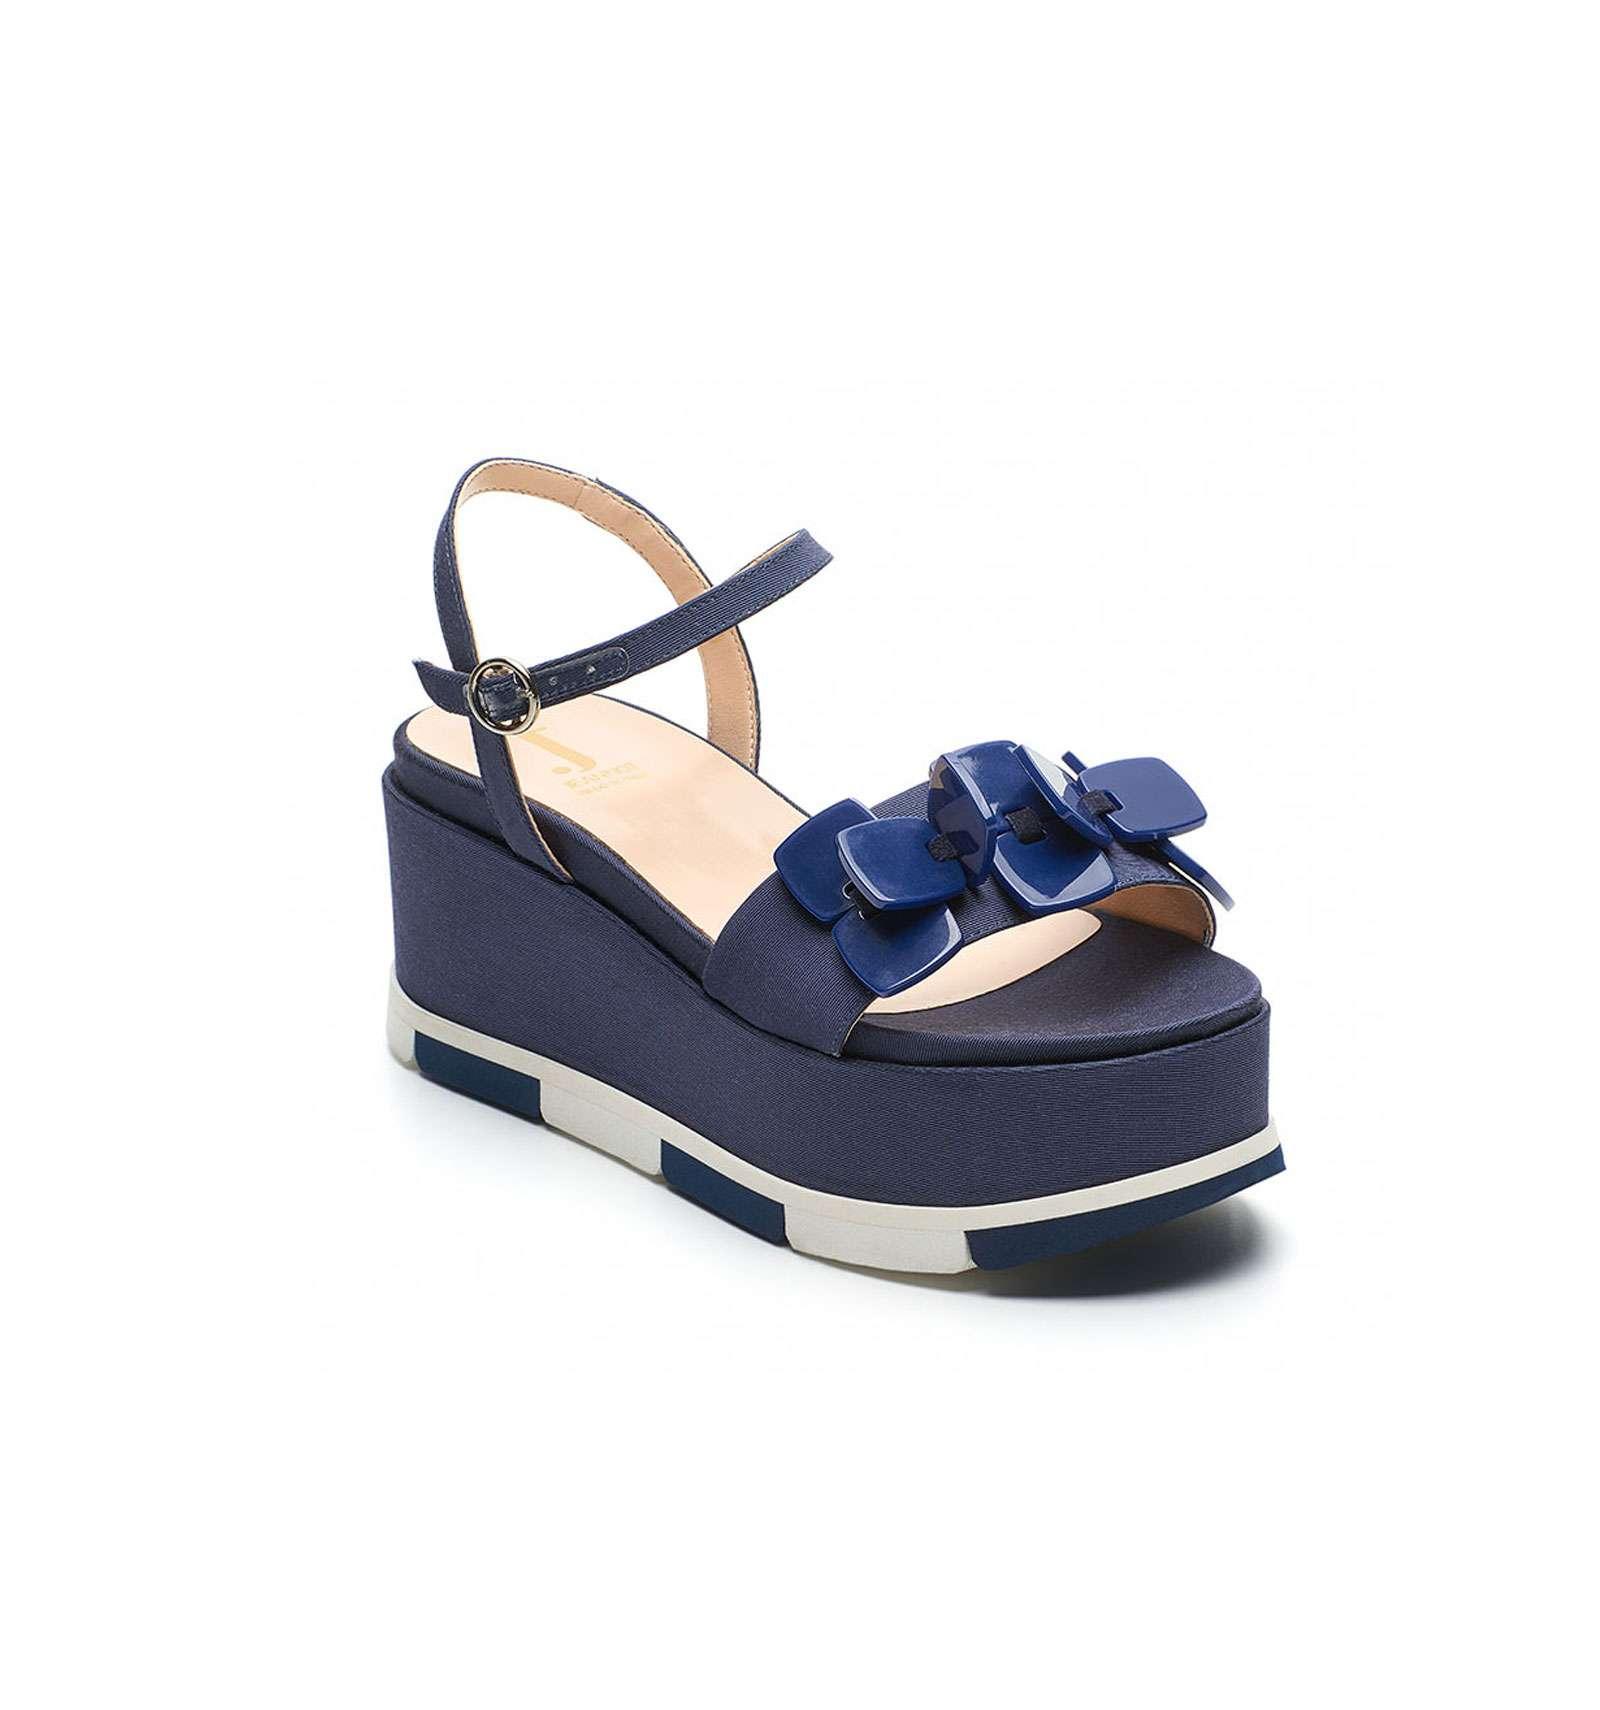 huge discount d7a16 a6d61 Sandalo JEANNOT